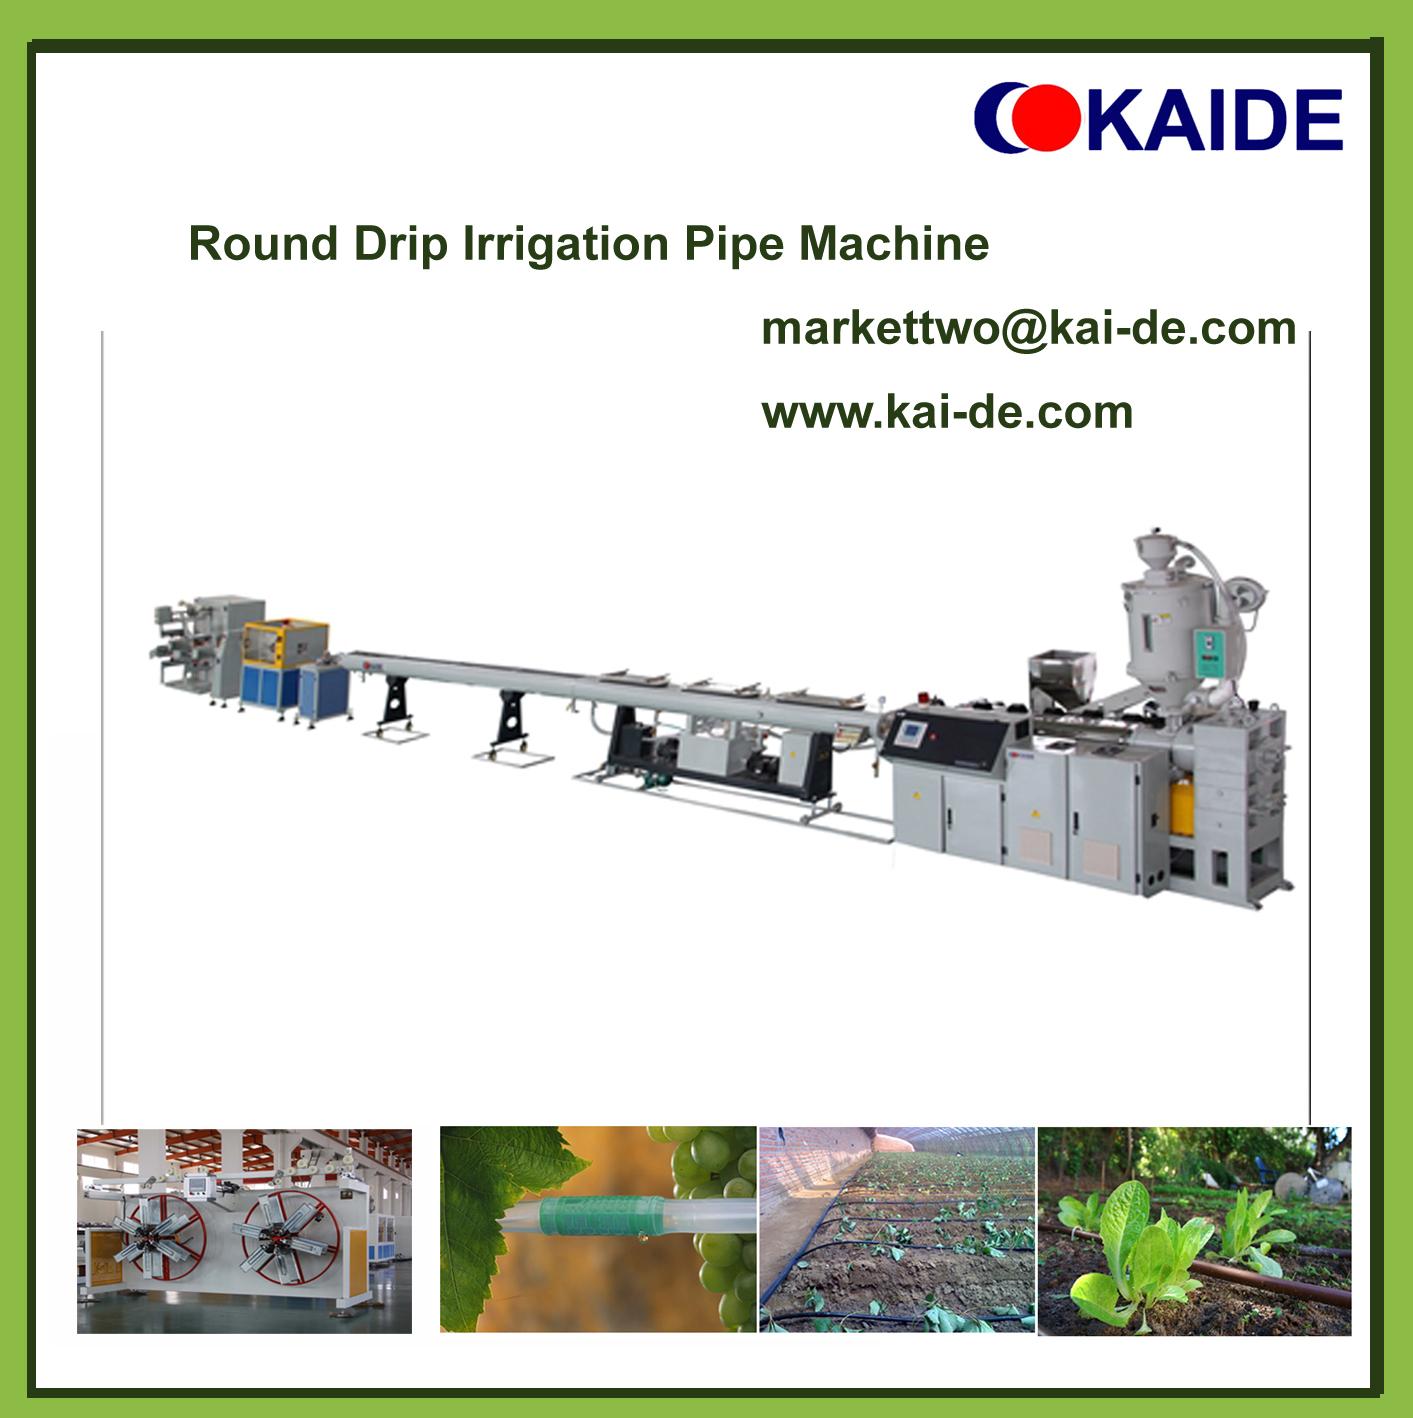 Drip Irrigation Pipe Machine with round dripper